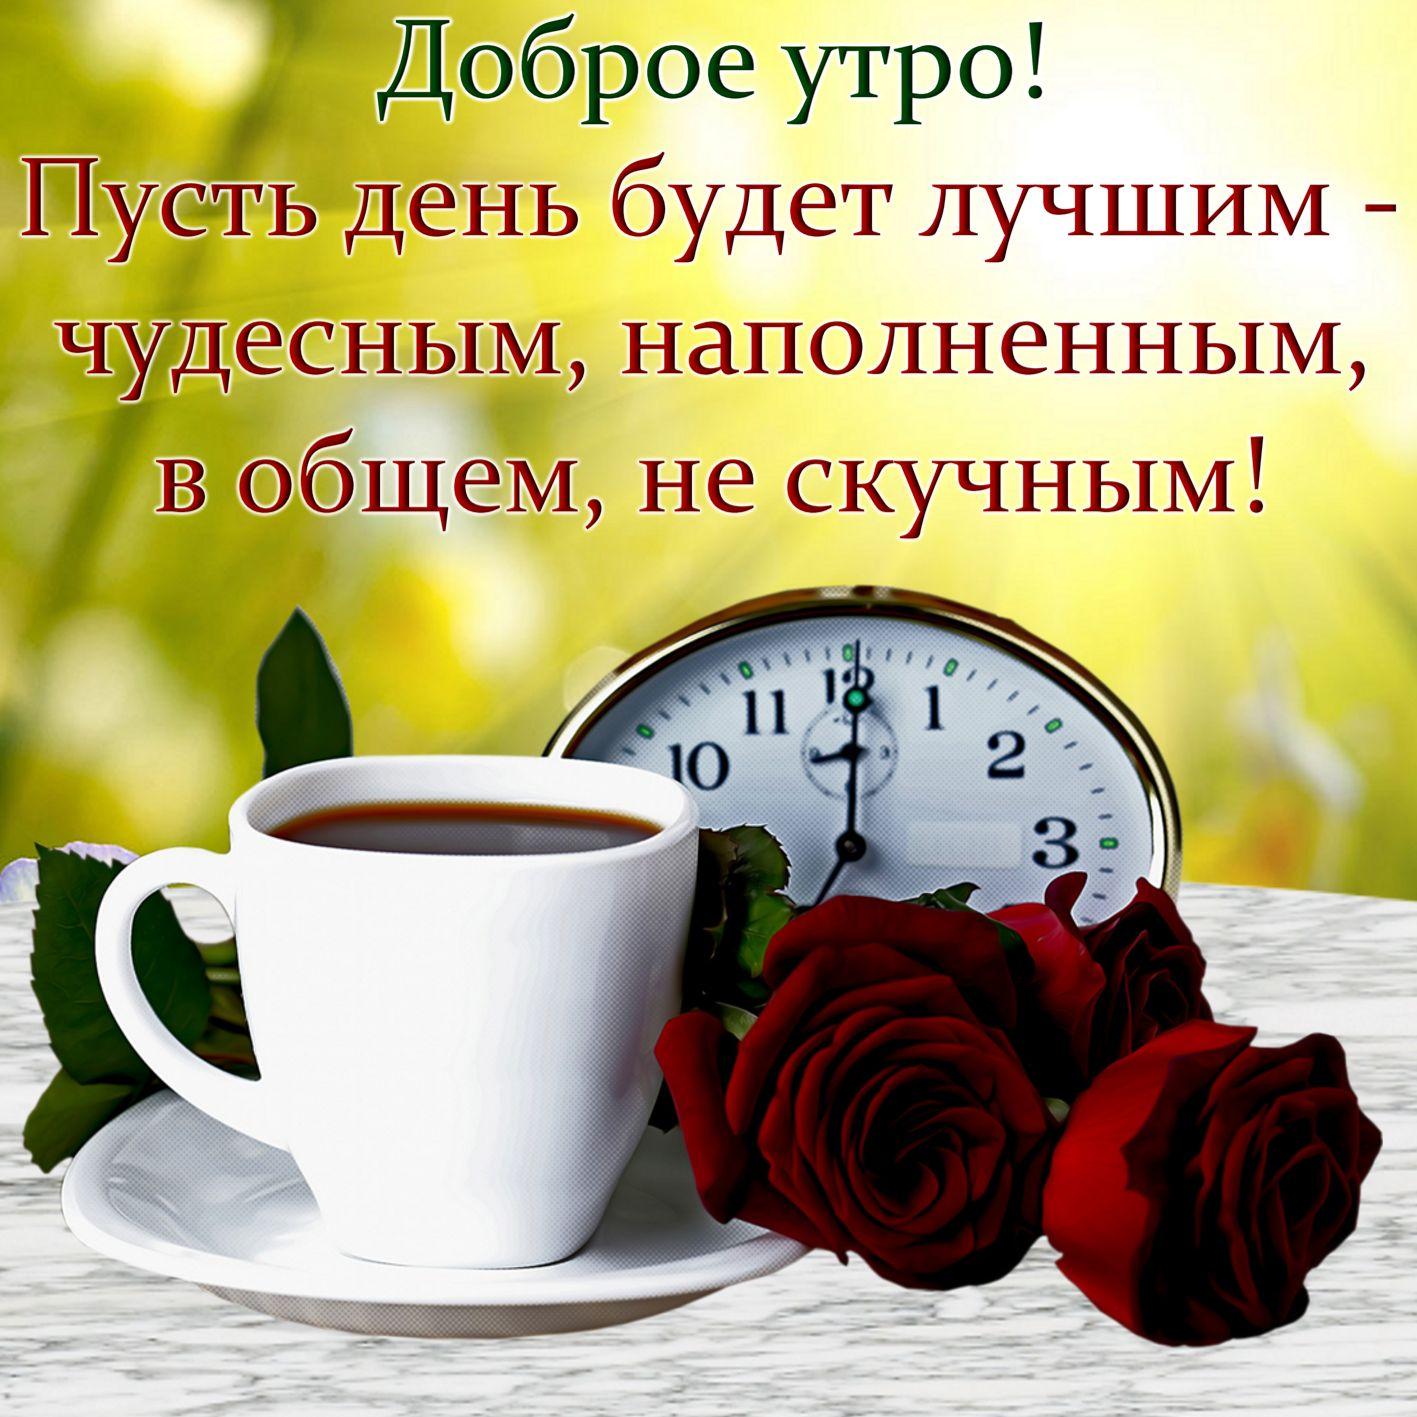 Сердечки, открытка роза с пожеланиями доброго утра